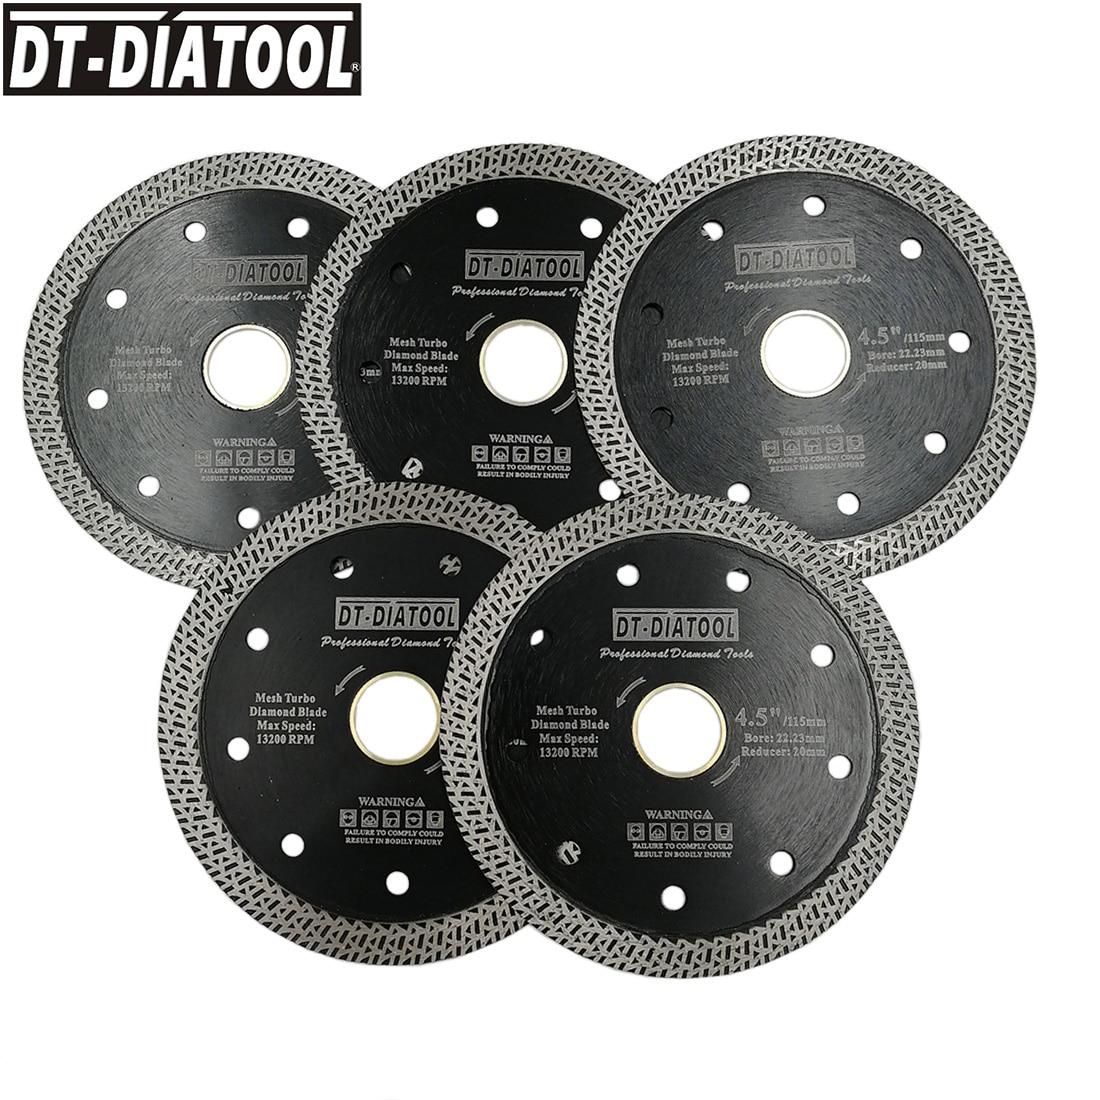 DT-DIATOOL 5pcs 105mm/4